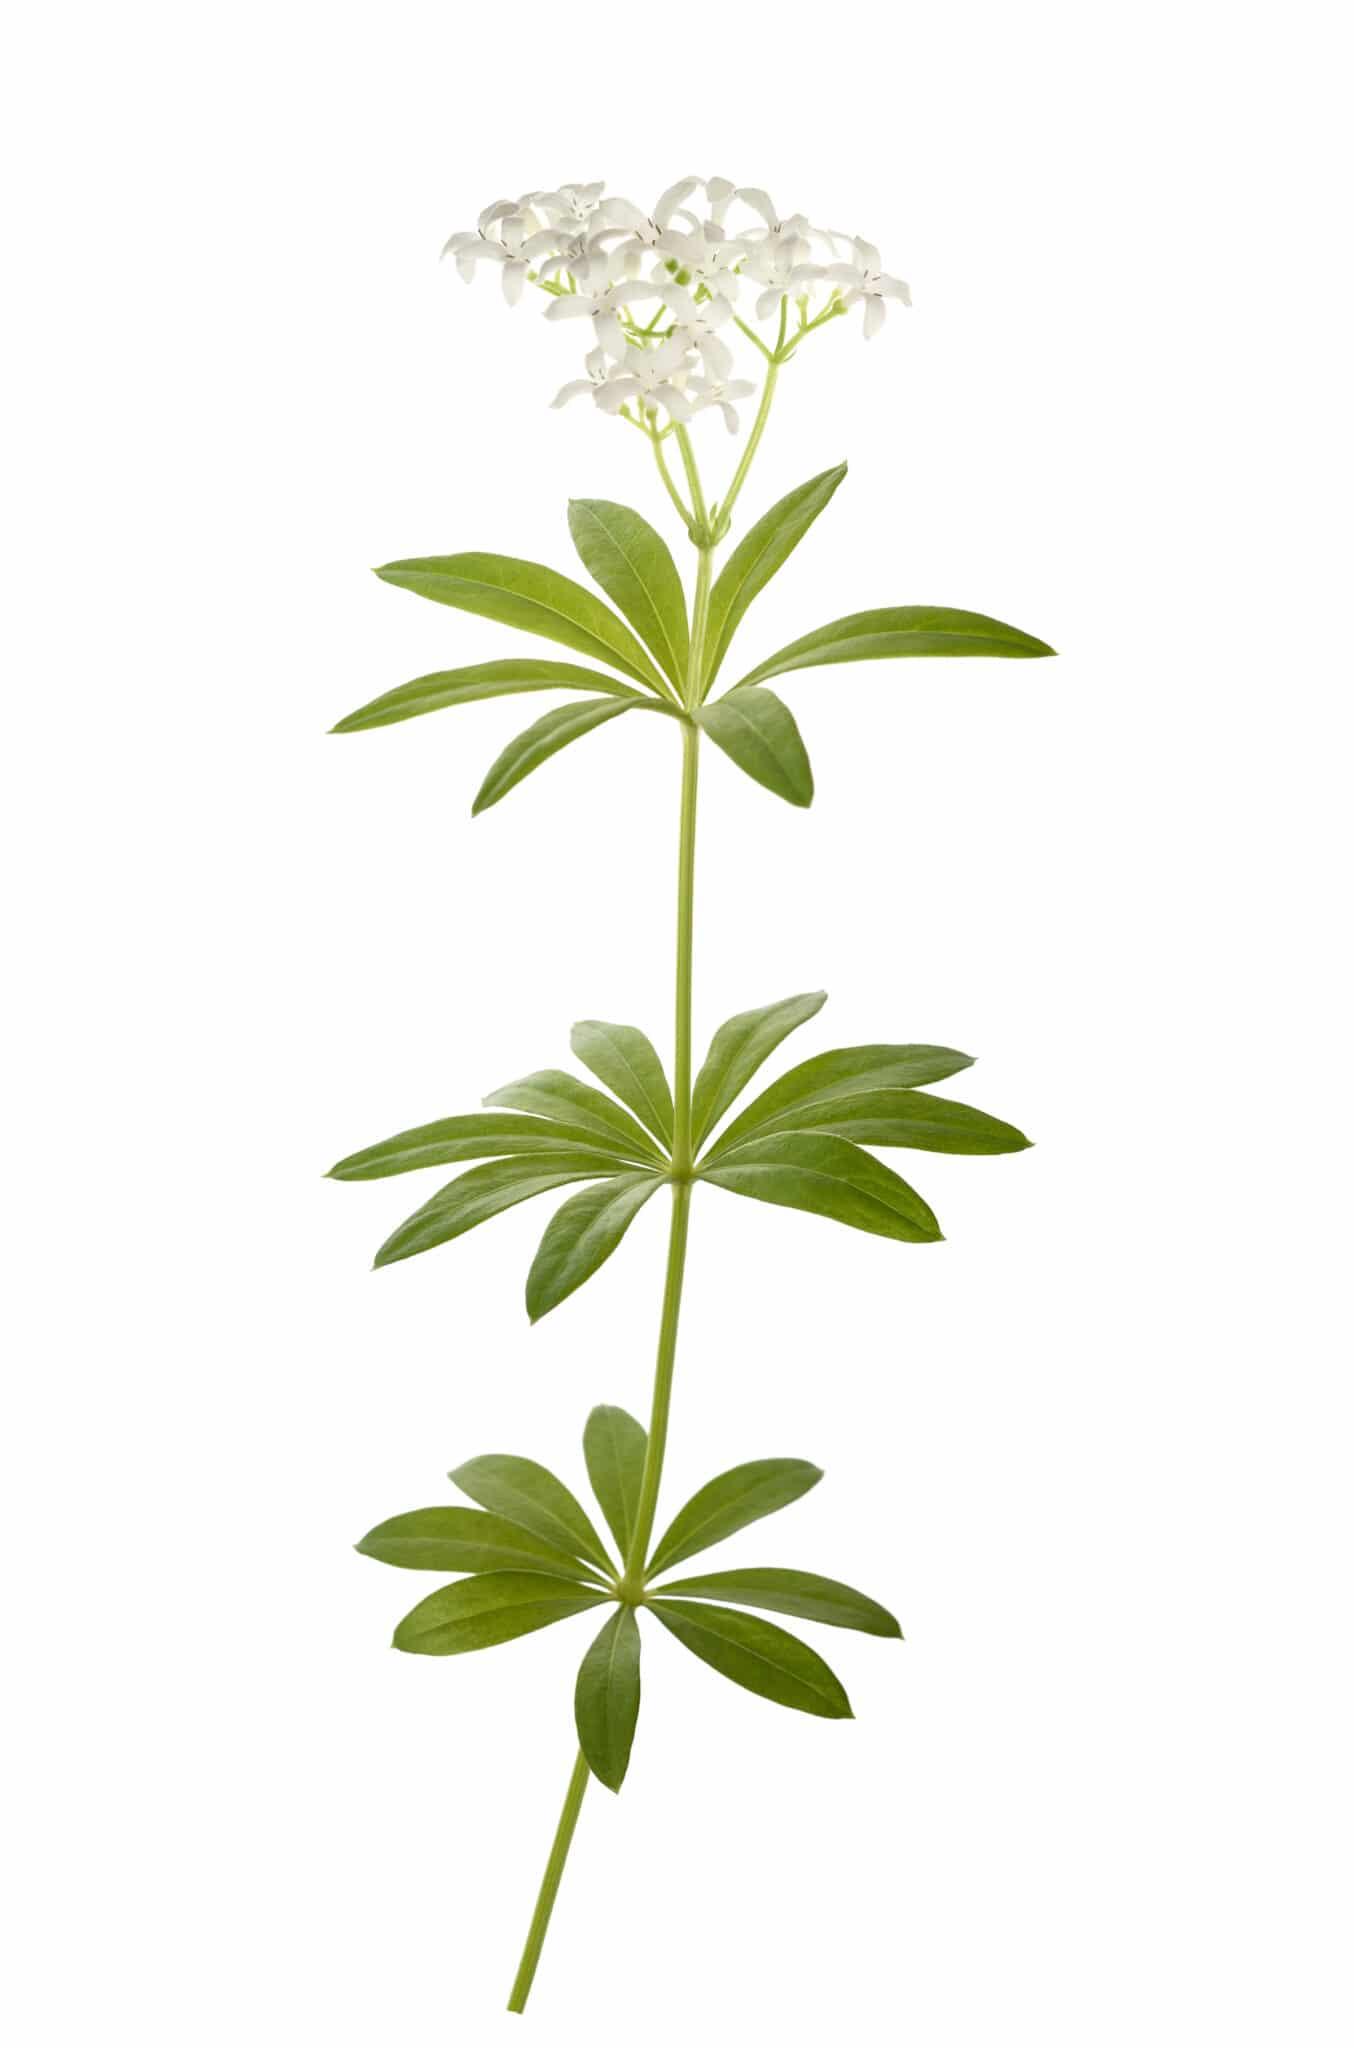 Ein Zweig von Dyers Waldmeister mit weißen Blüten in voller Blüte.